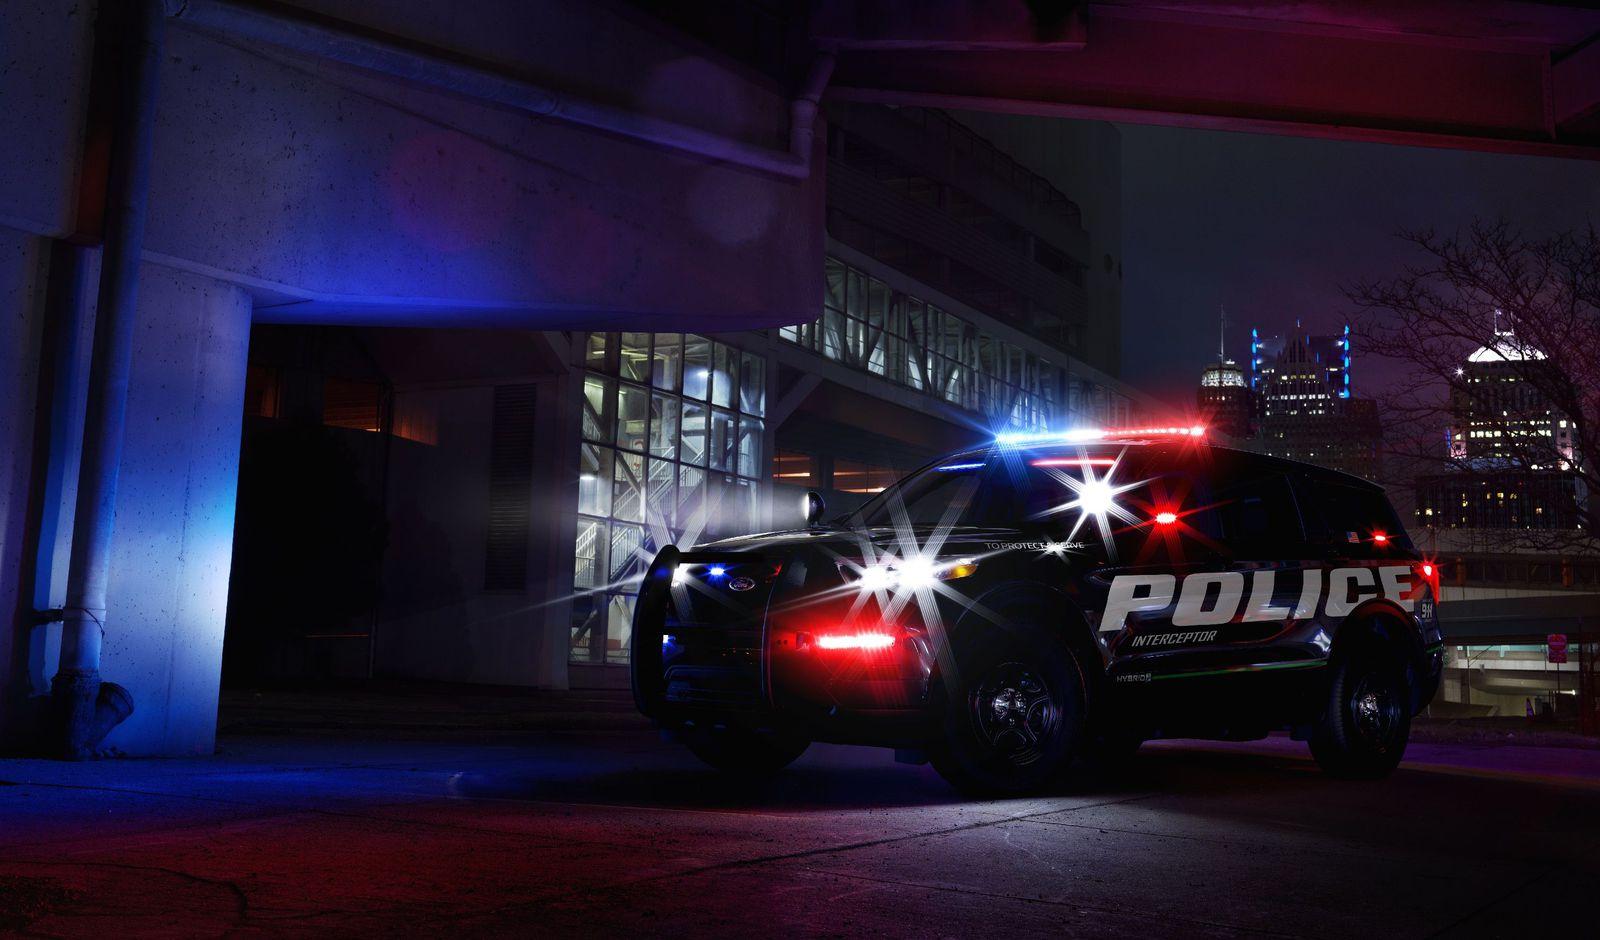 Ѕвер на четири тркала: Ford го престави најбрзиот полициски автомобил во САД